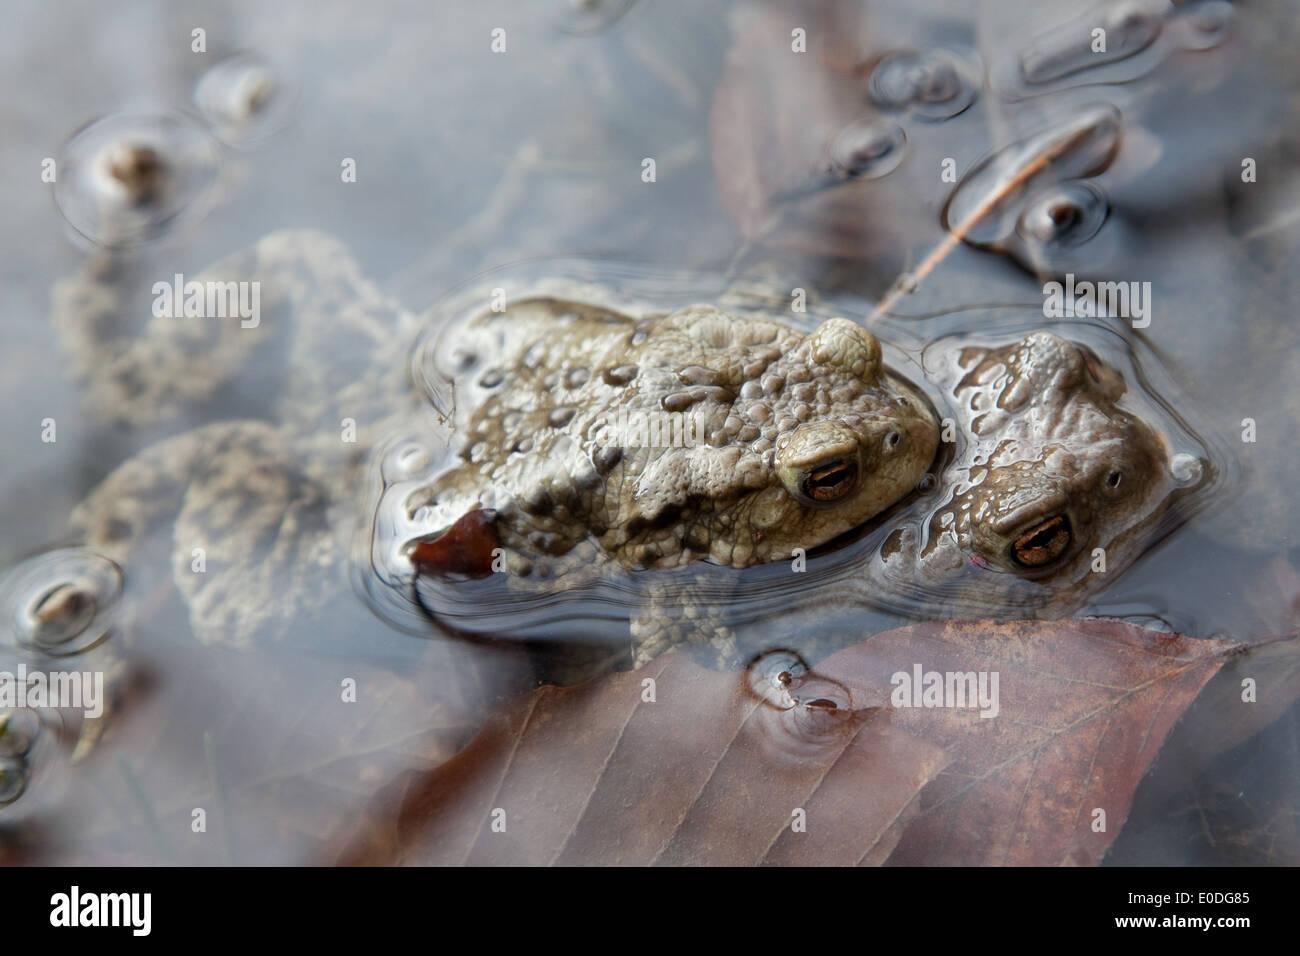 Zwei Erdkröten bei der Laichwanderung - Two common toads - Stock Image